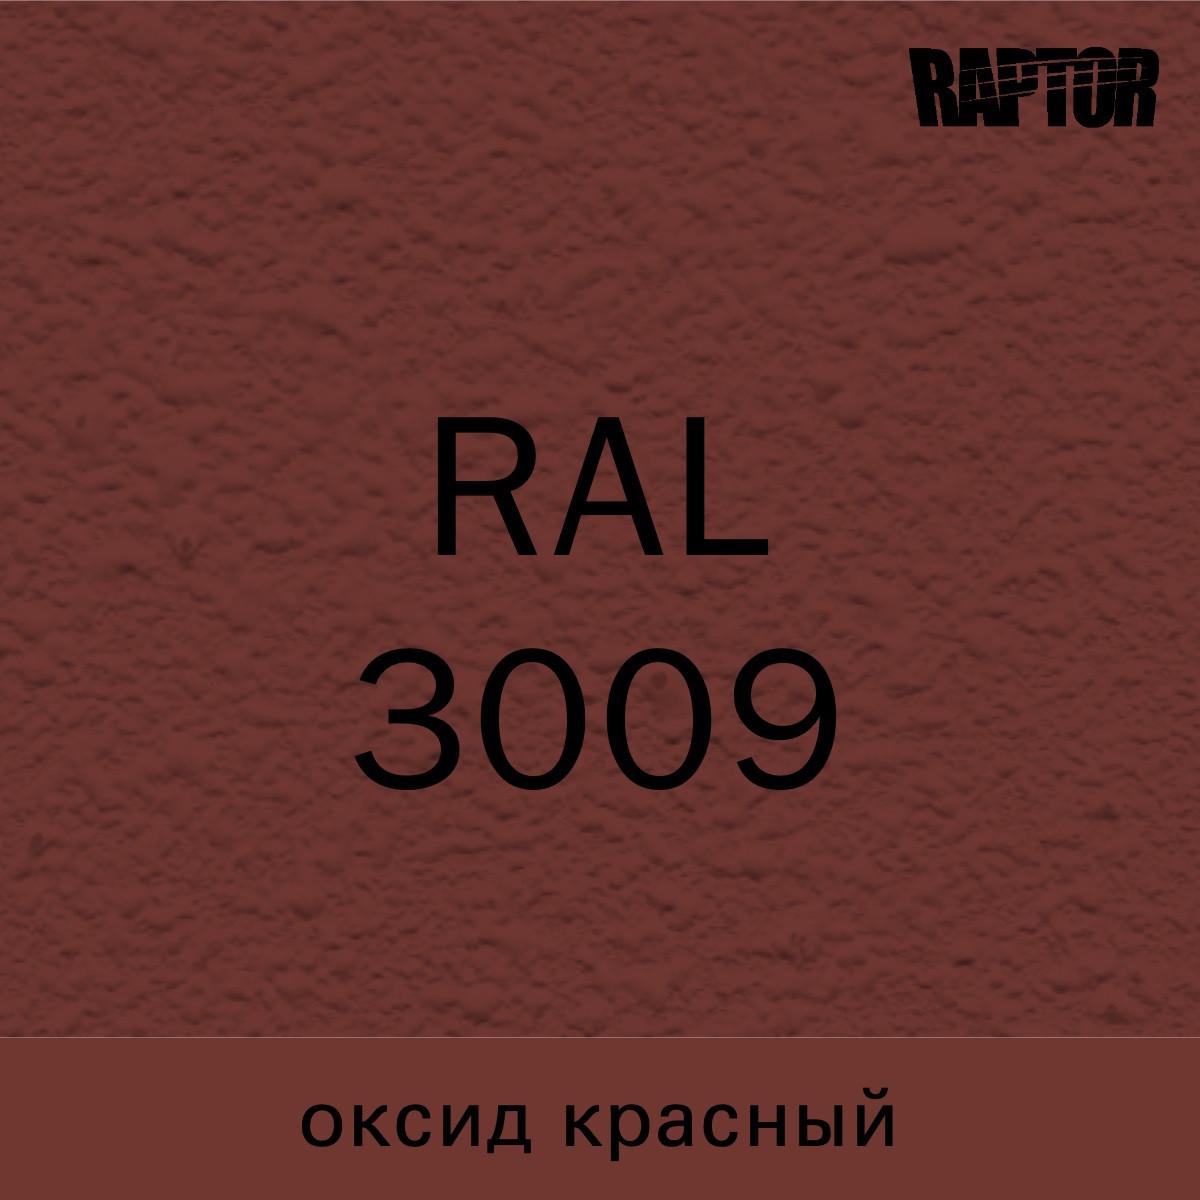 Пигмент для колеровки покрытия RAPTOR™ Оксид красный (RAL 3009)